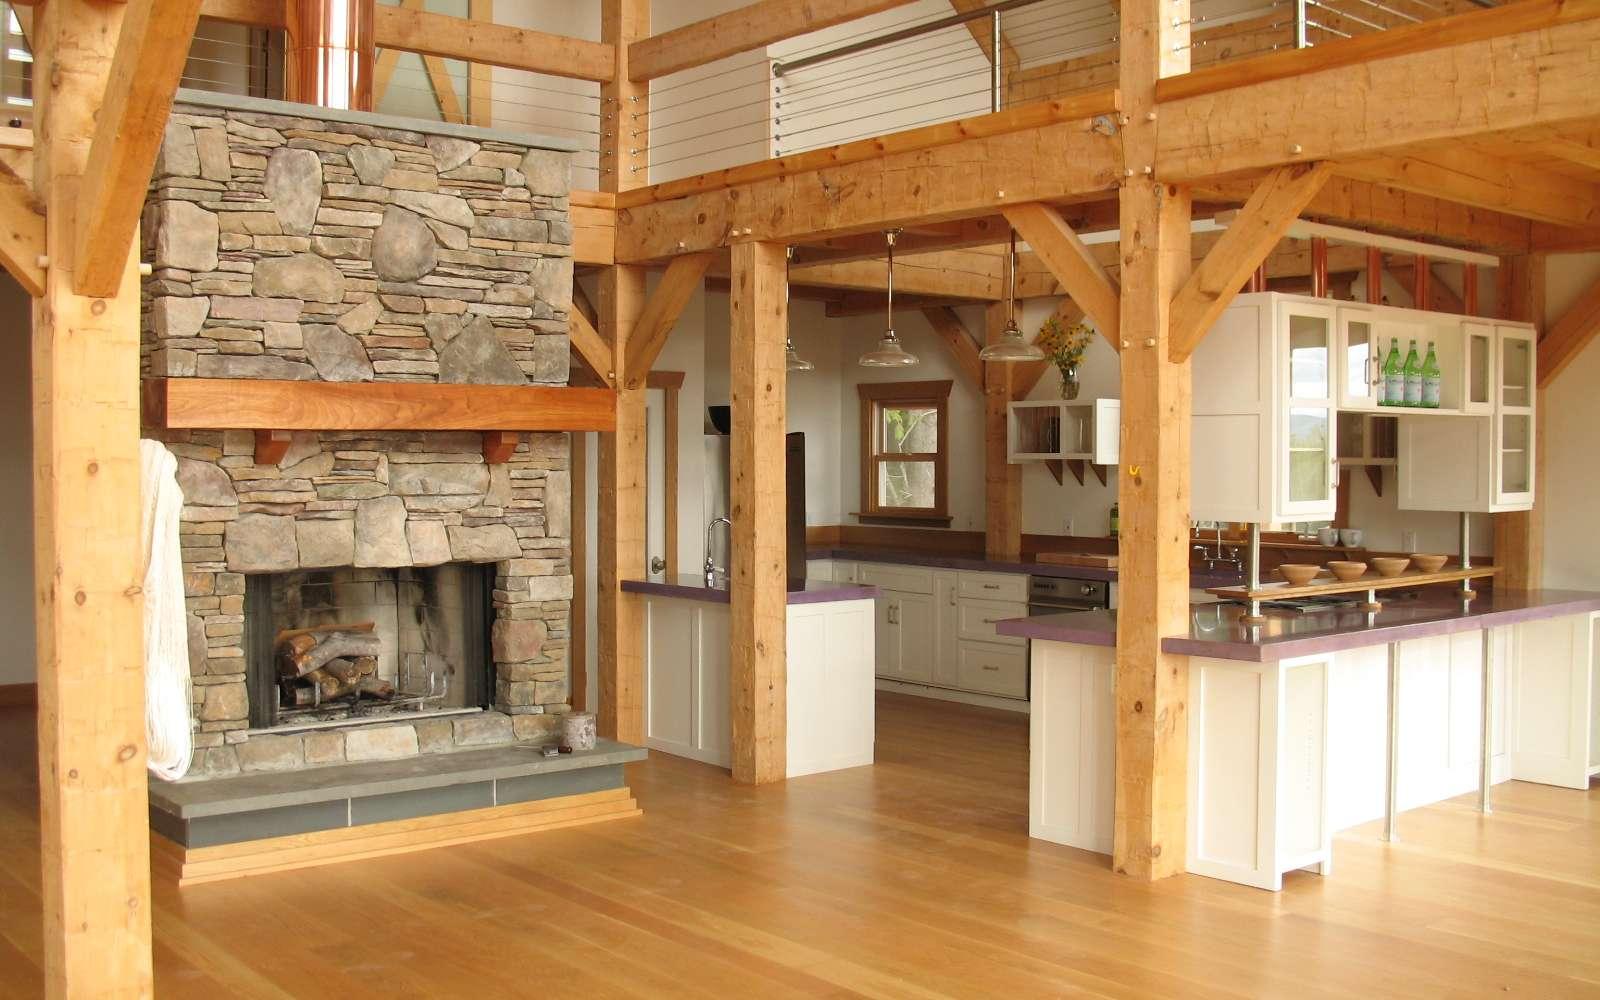 Une cuisine américaine est ouverte sur les pièces de vie. © Vermont Timber Works Inc., CC BY-SA 3.0, Wikimedia Commons